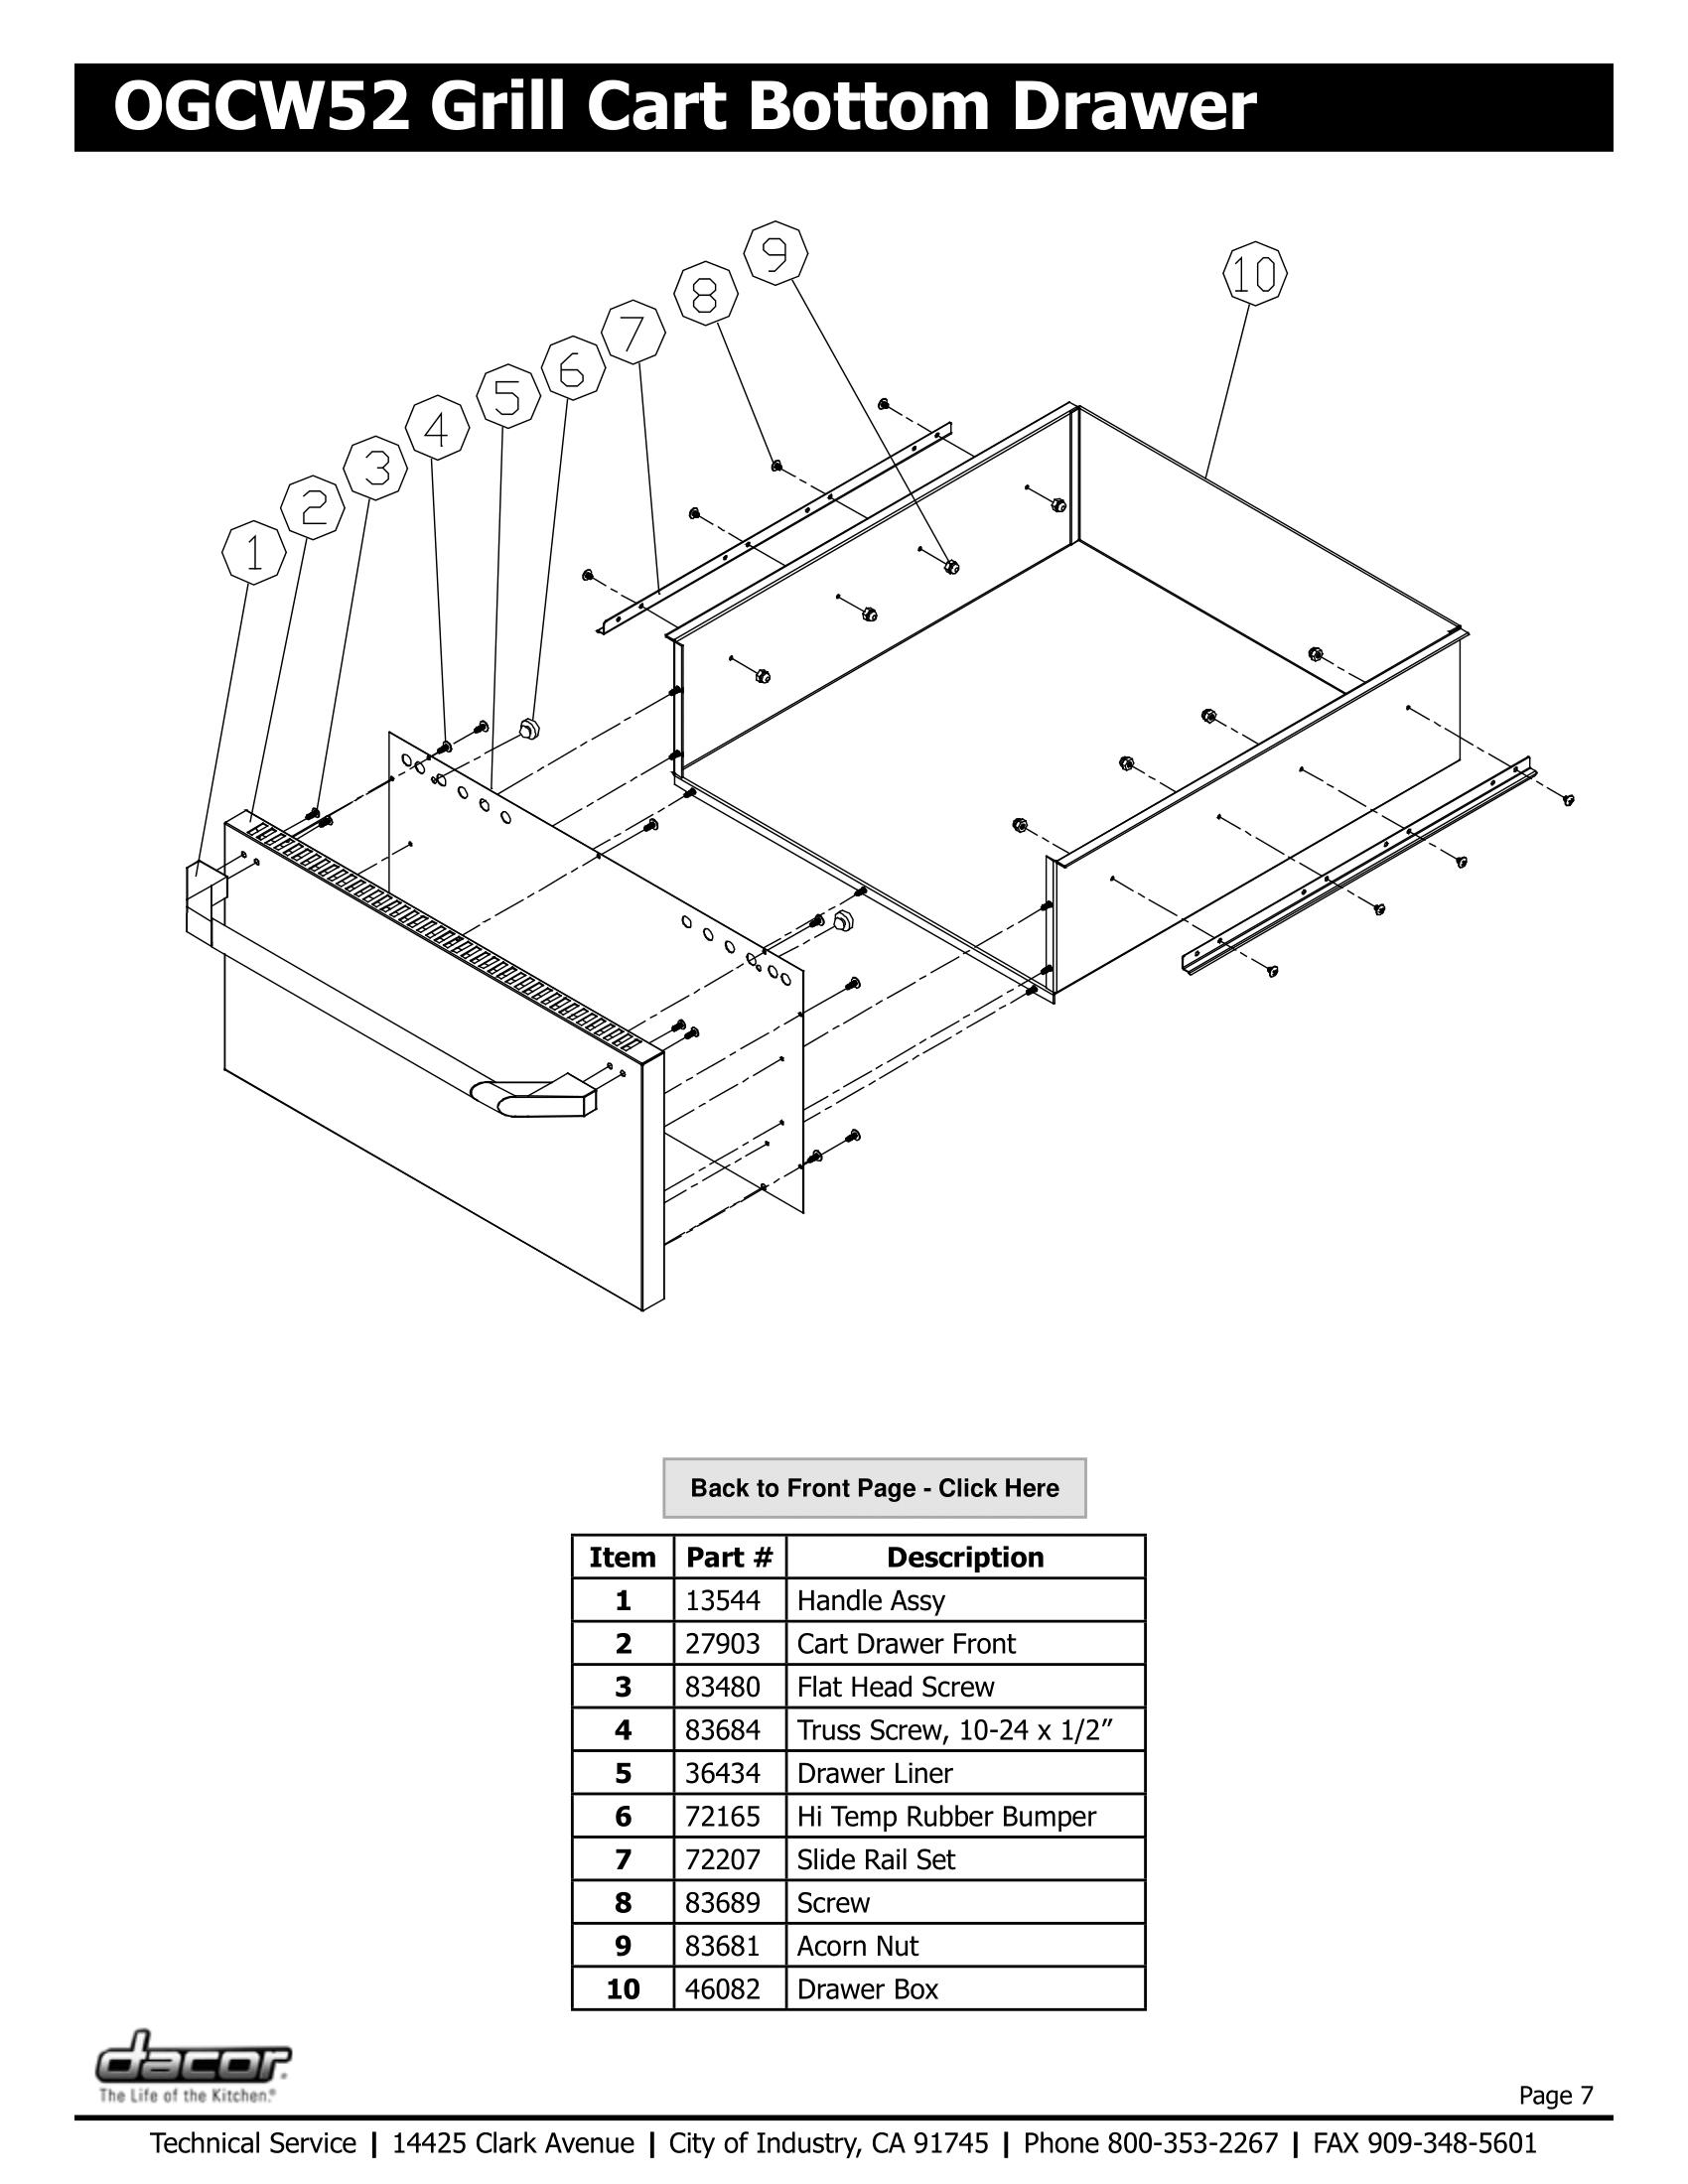 Dacor OGCW52 Bottom Drawer Schematic